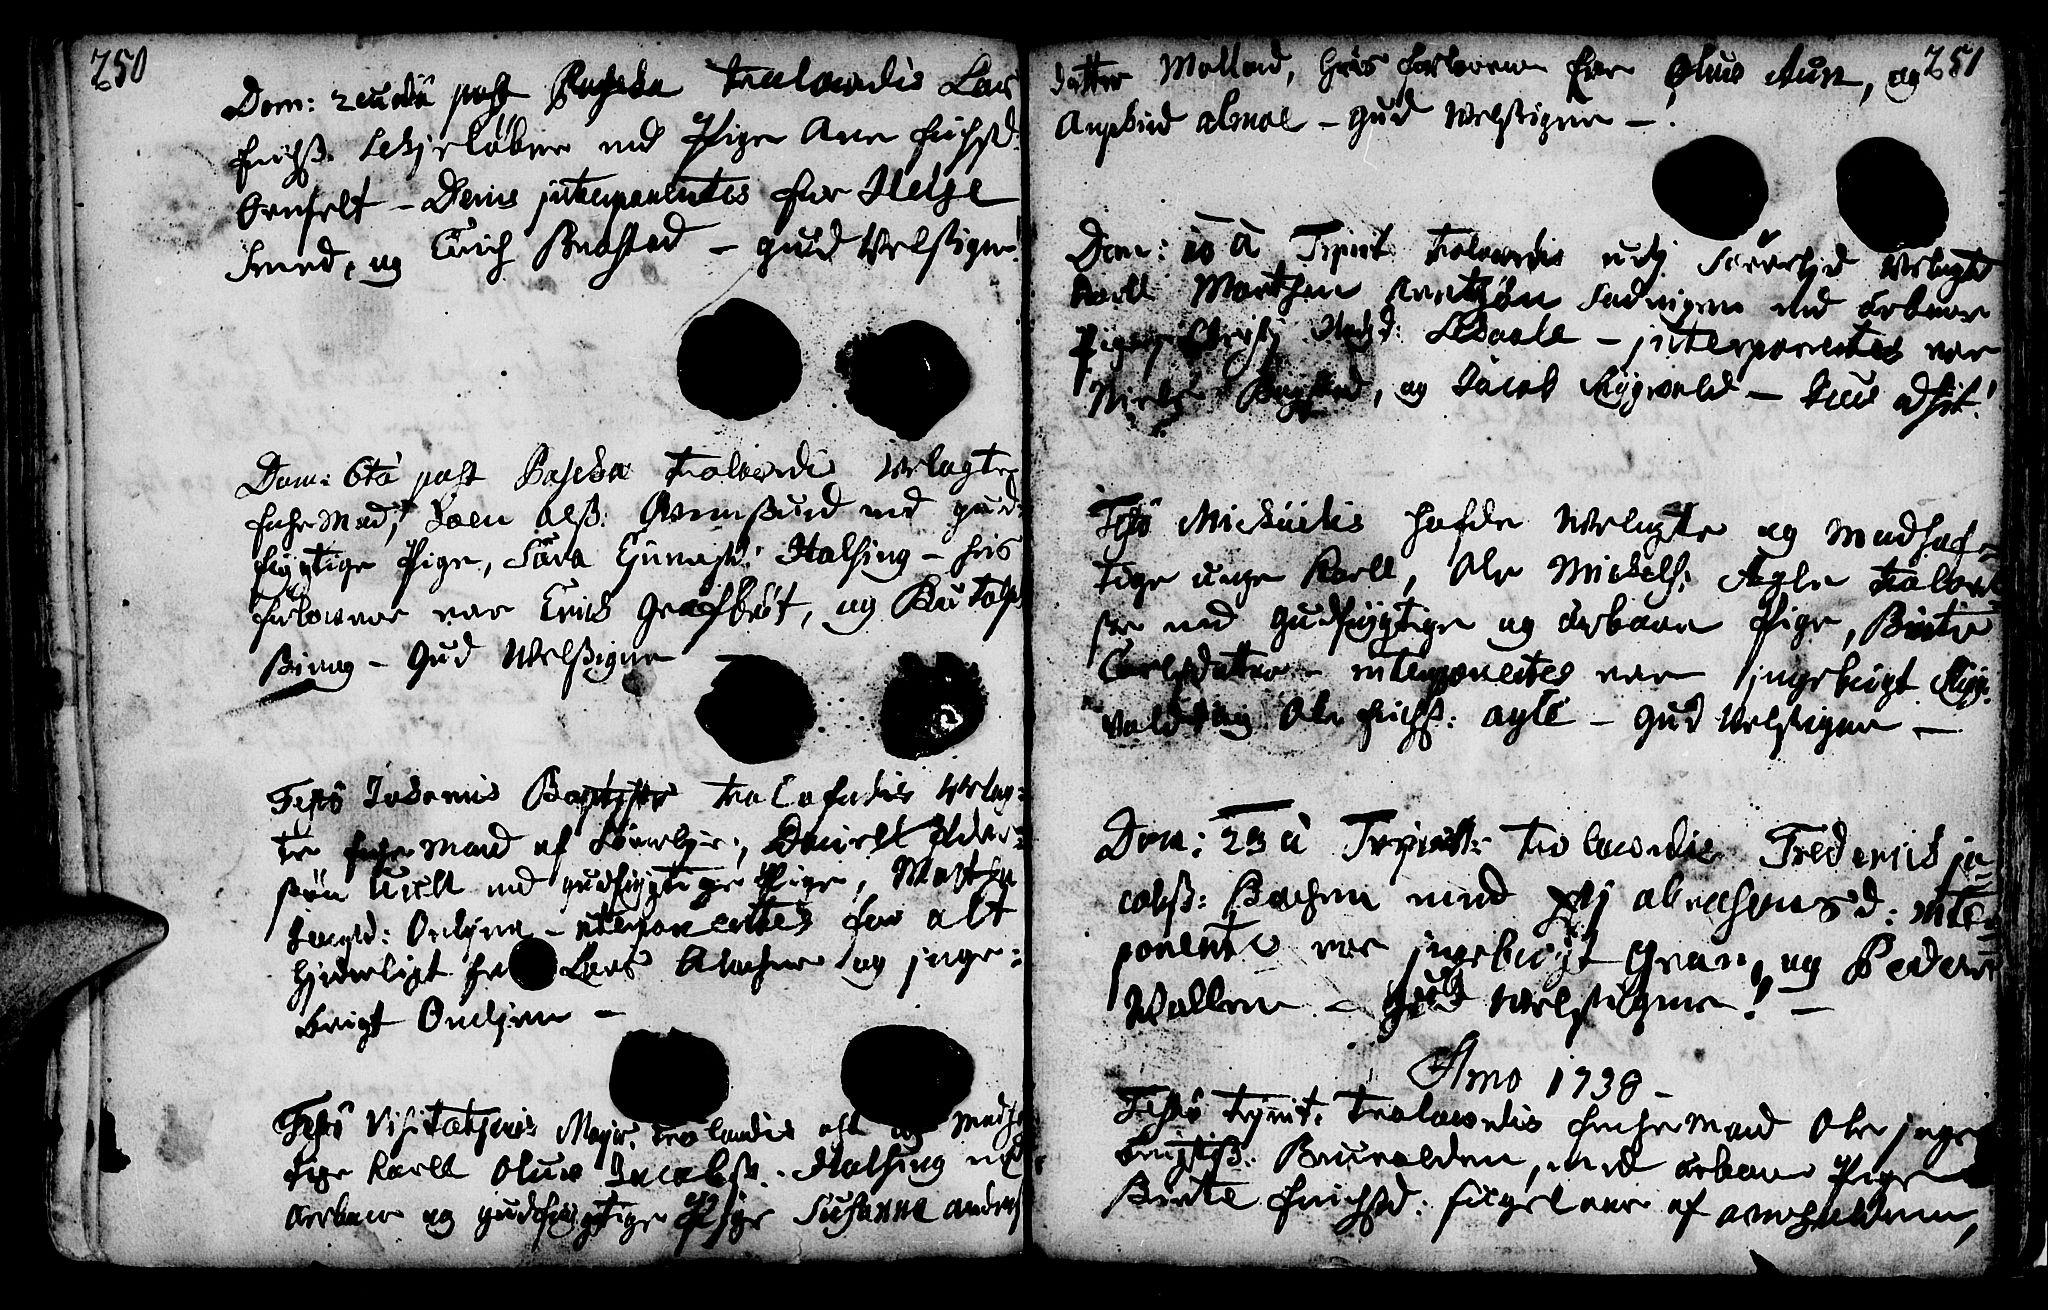 SAT, Ministerialprotokoller, klokkerbøker og fødselsregistre - Nord-Trøndelag, 749/L0467: Ministerialbok nr. 749A01, 1733-1787, s. 250-251